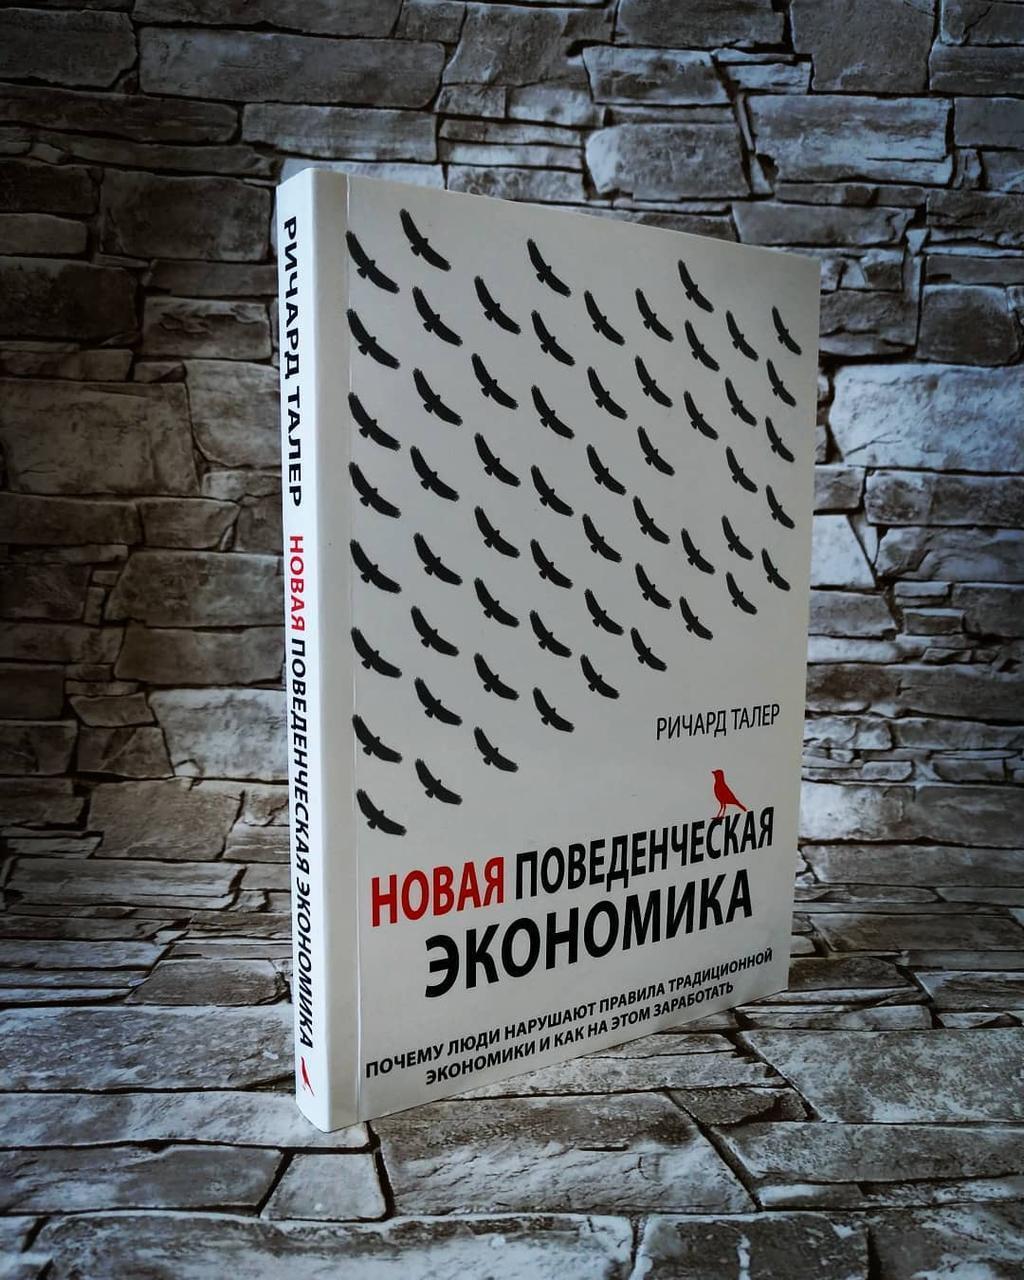 """Книга """"Новая поведенческая экономика. Почему люди нарушают правила традиционной экономики"""" Ричард Талер"""